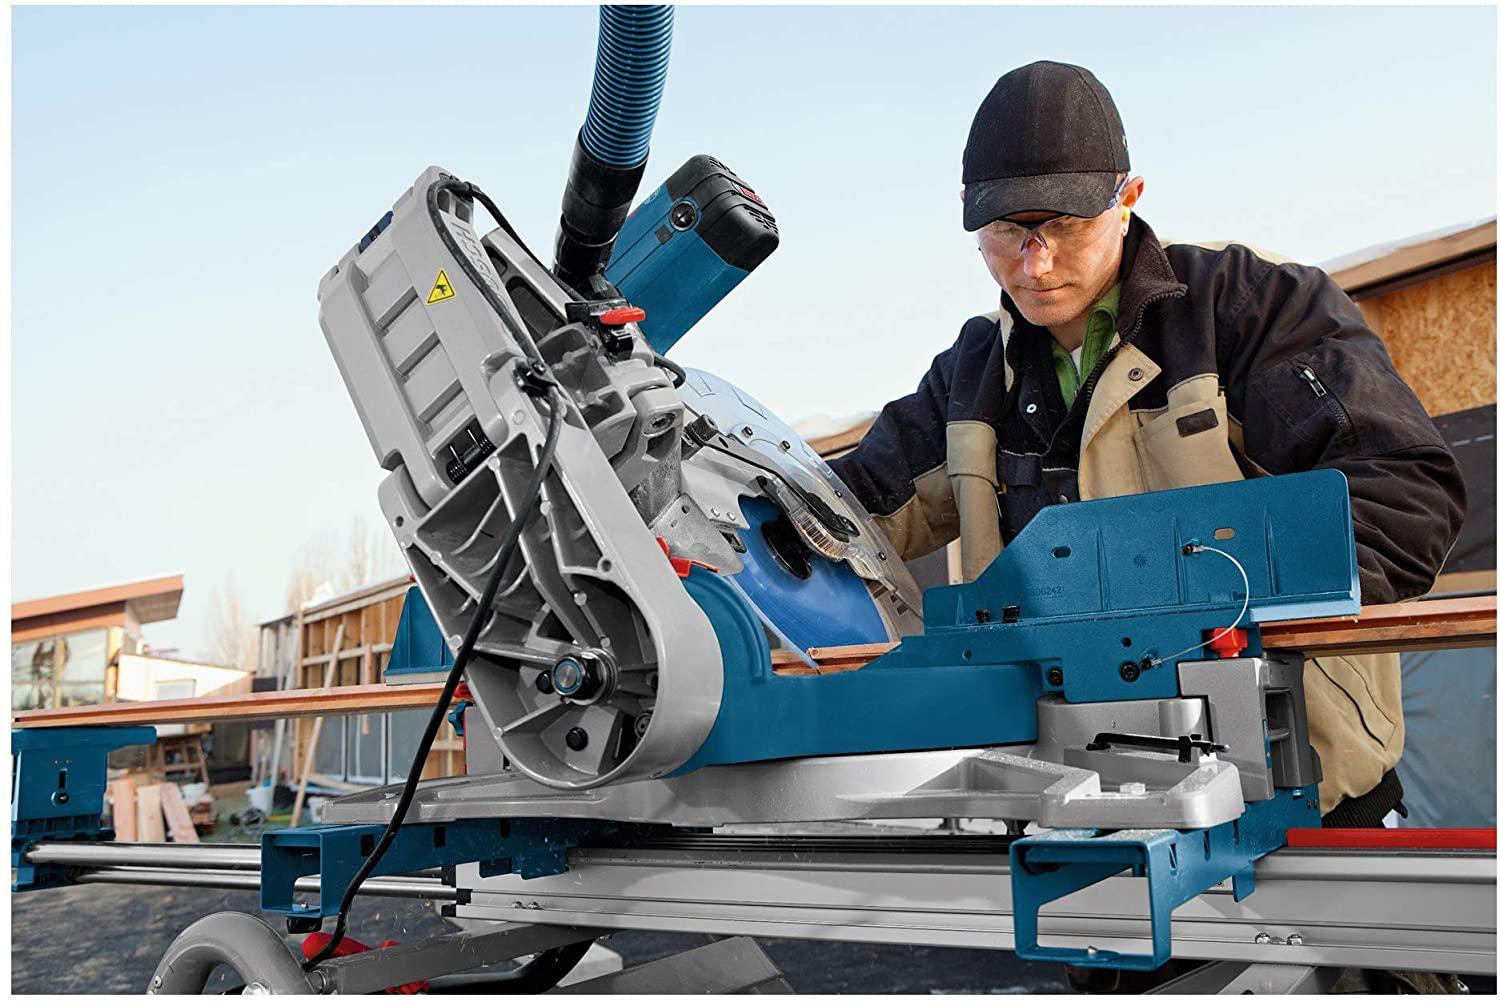 Bosch Professional GCM 12 GDL Kappsäge im Einsatz